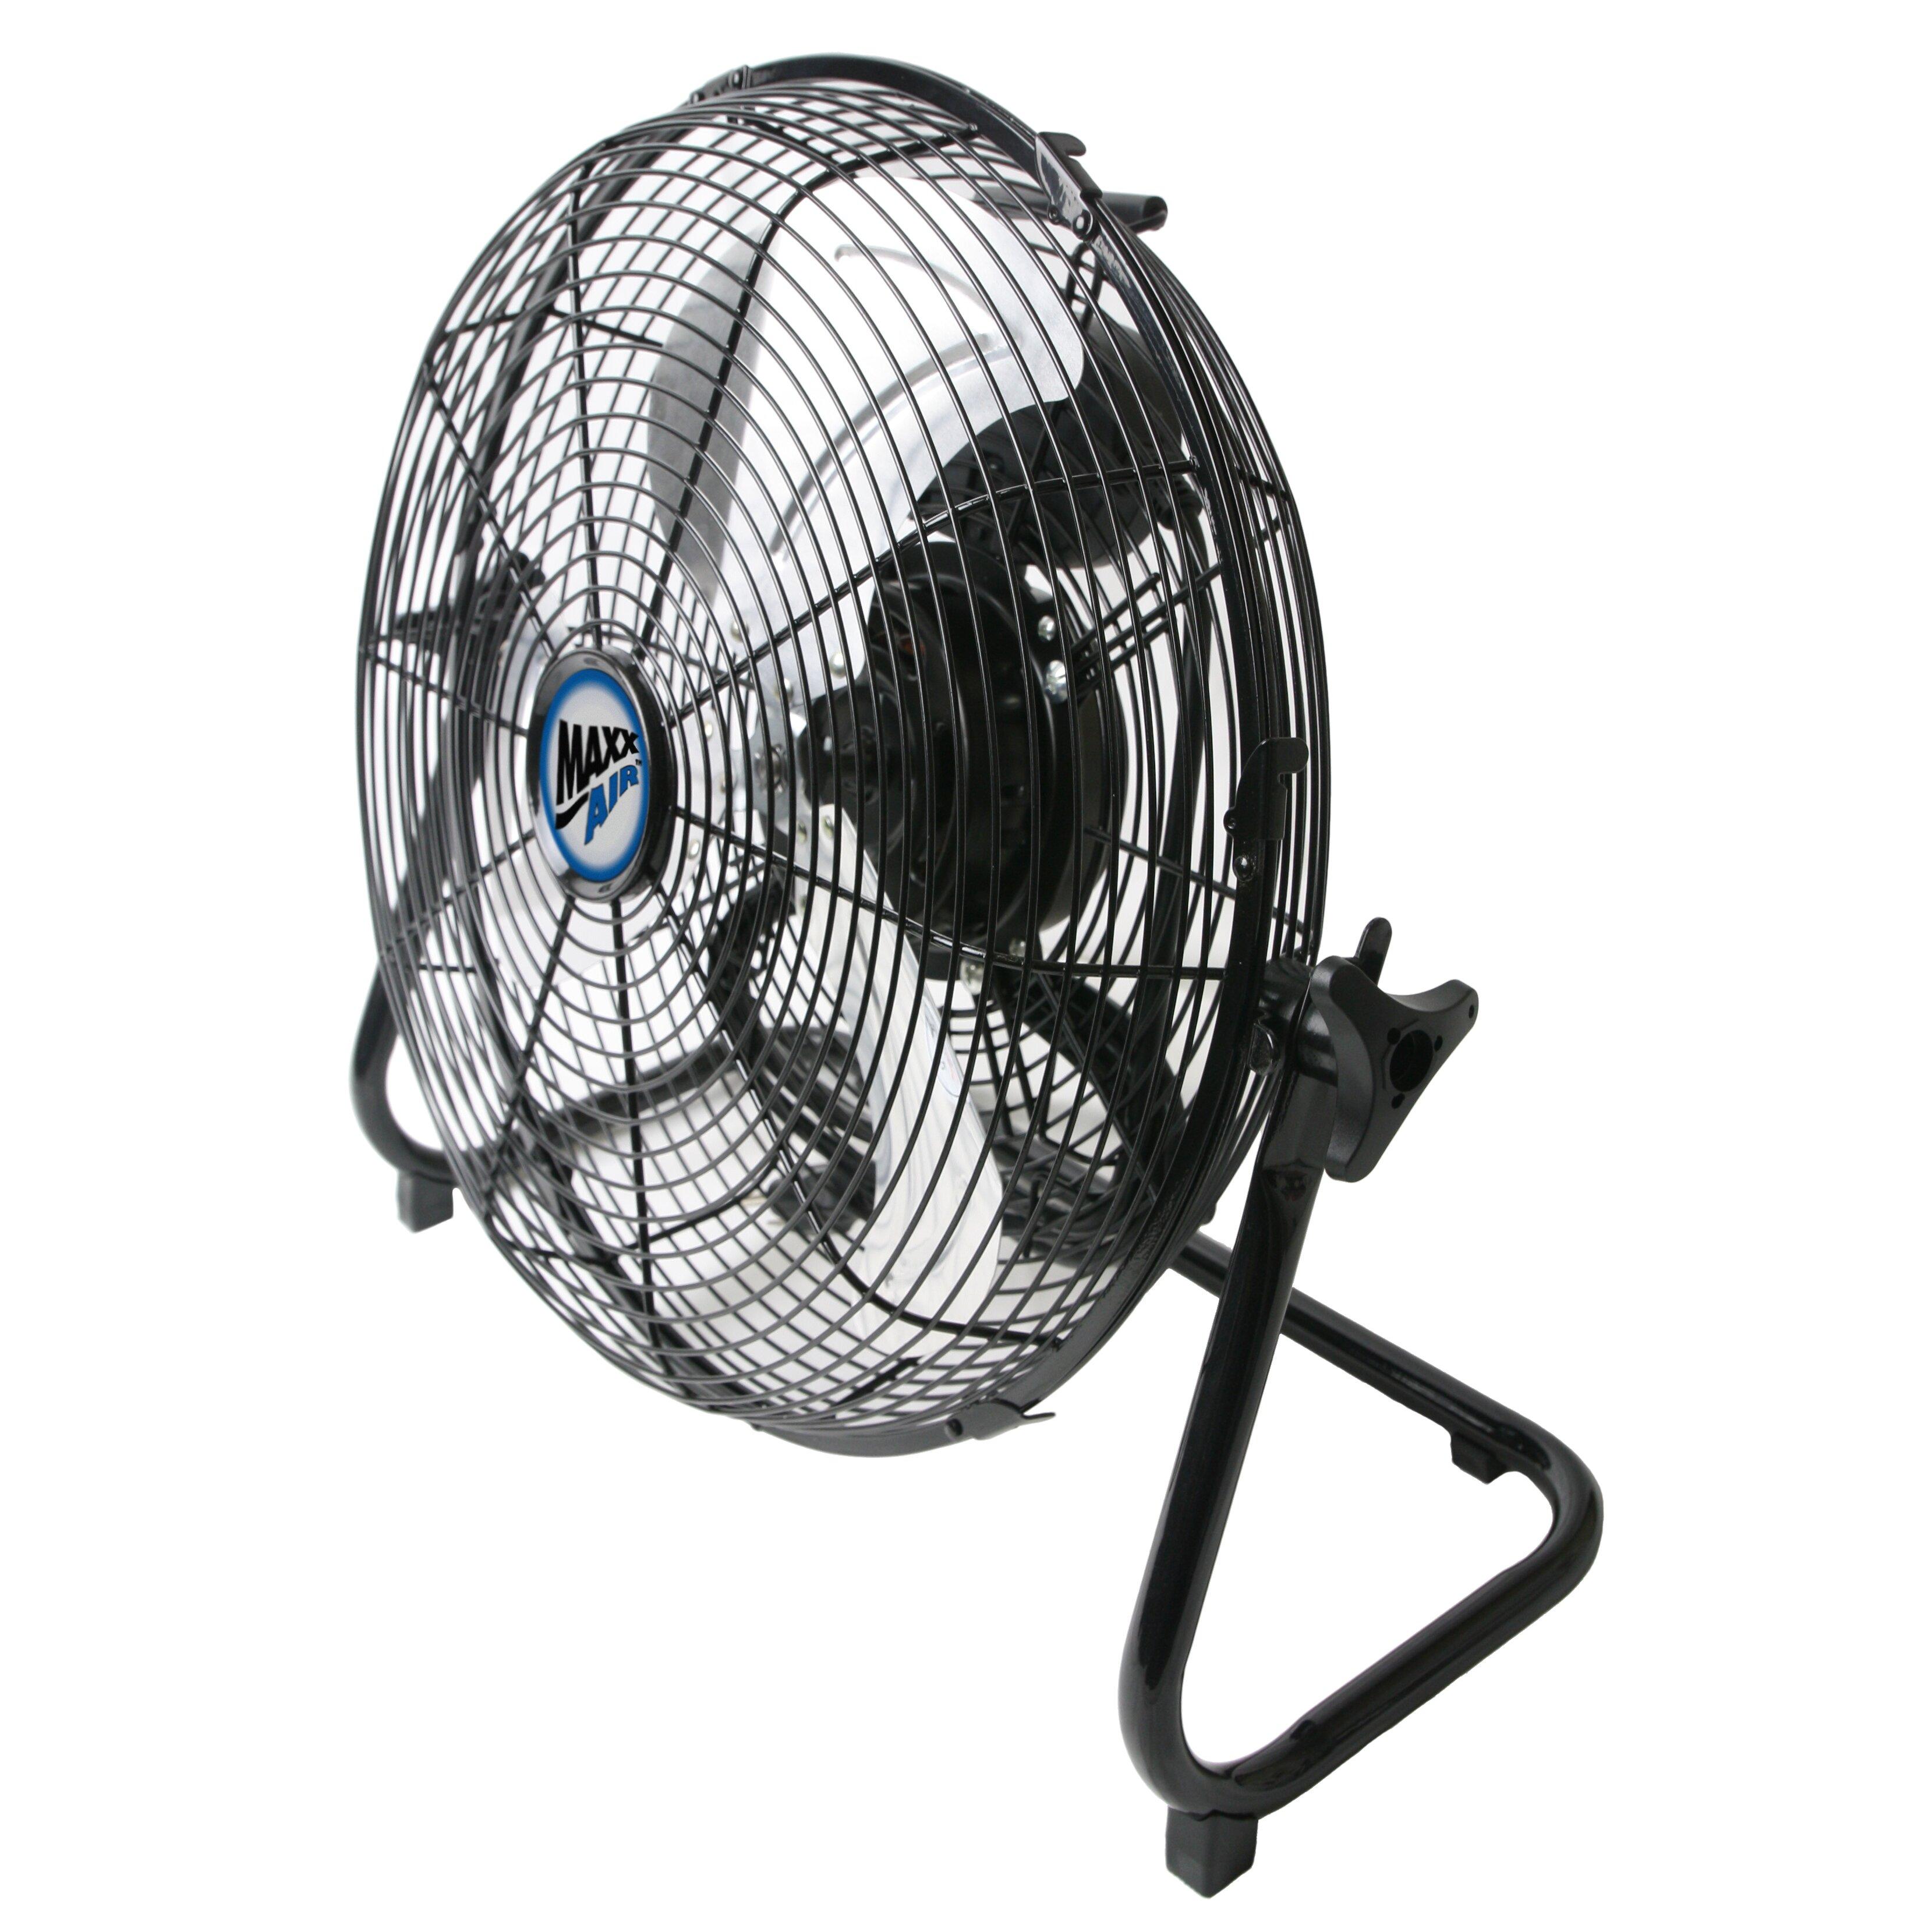 High Velocity Fan : Maxxair high velocity floor fan wayfair